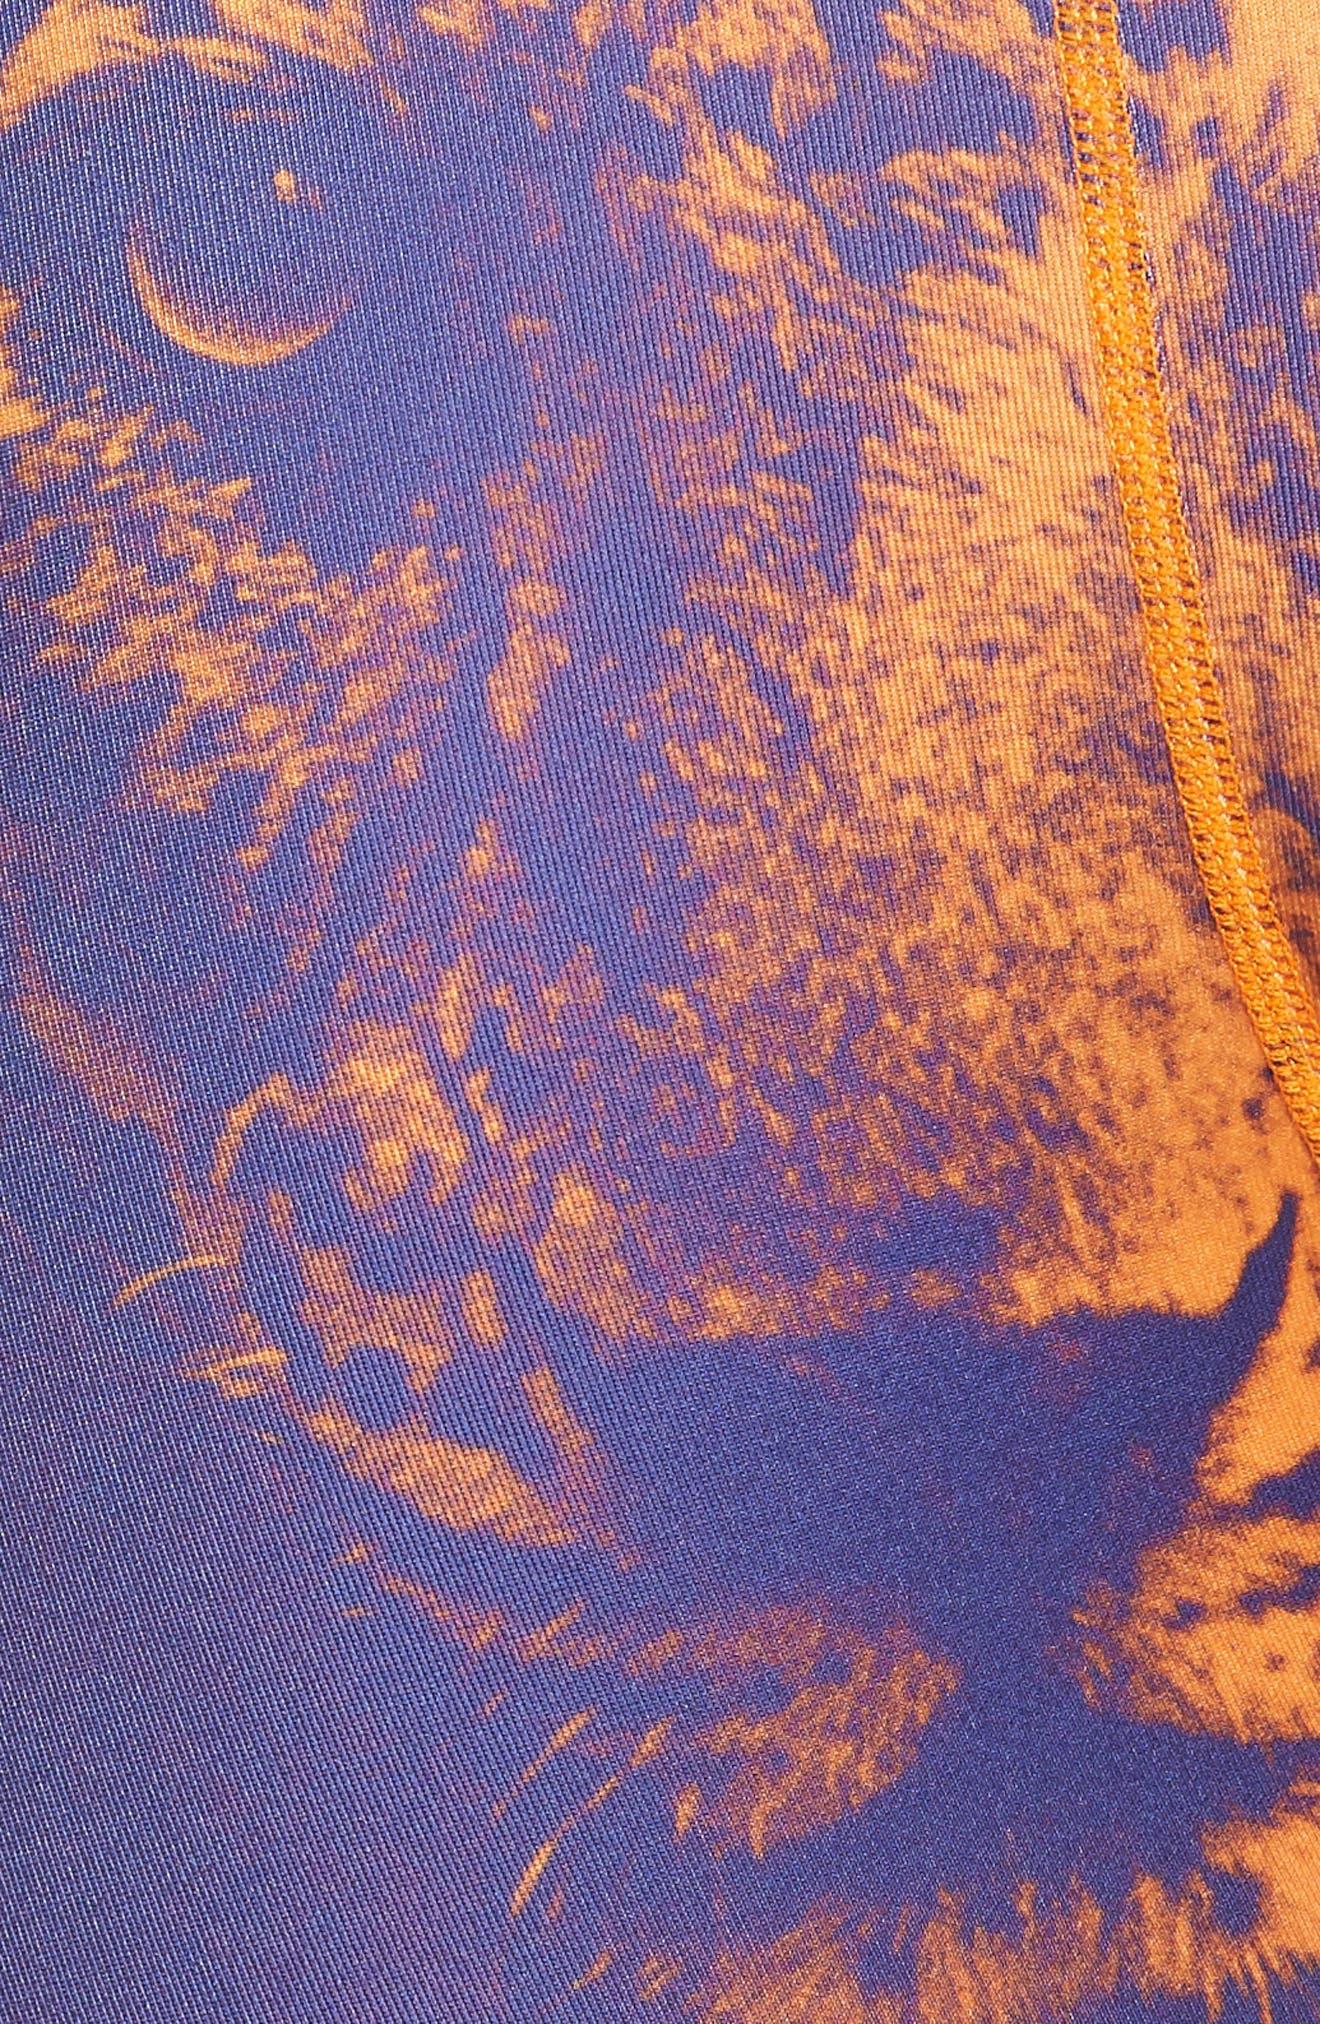 Bronze Leopard Stretch Boxer Briefs,                             Alternate thumbnail 5, color,                             BLUE/ ORANGE